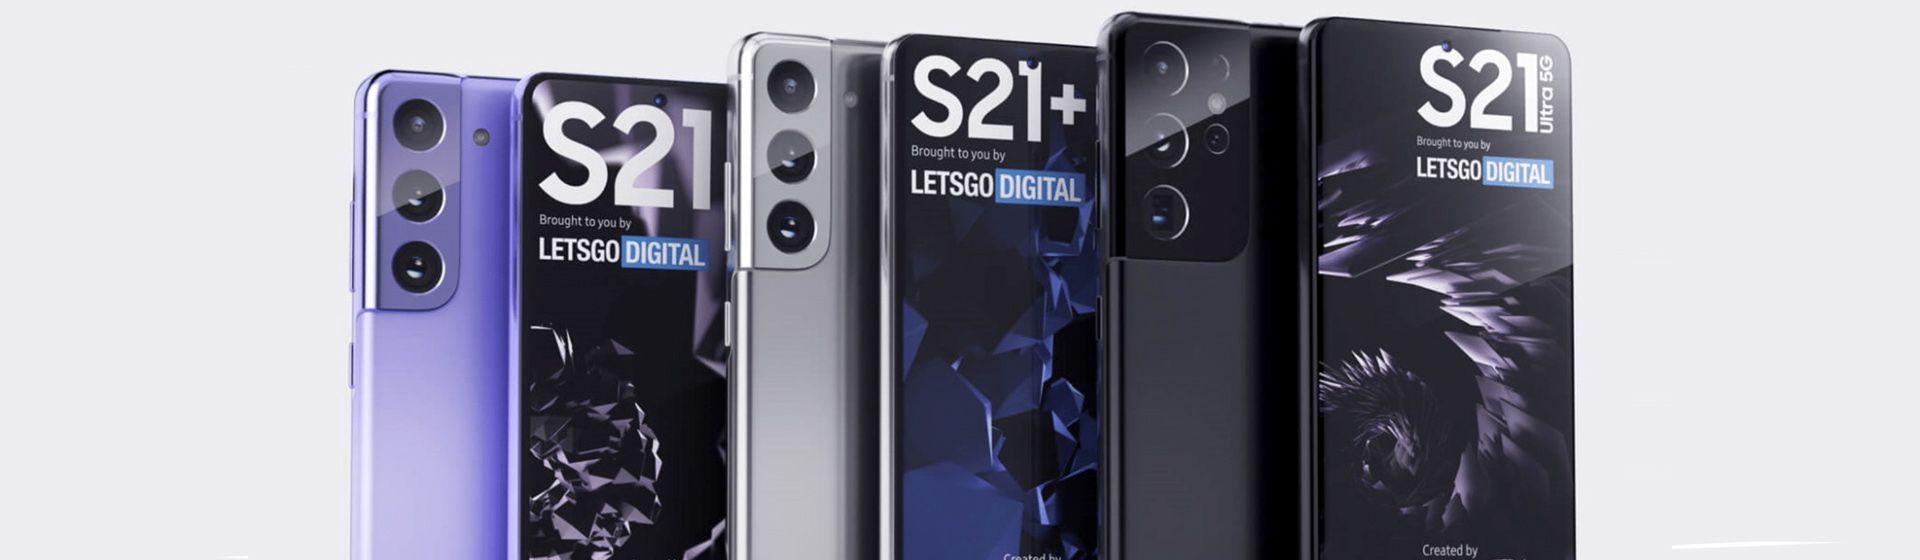 Linha Galaxy S21 tem especificações de câmeras vazadas antes do lançamento